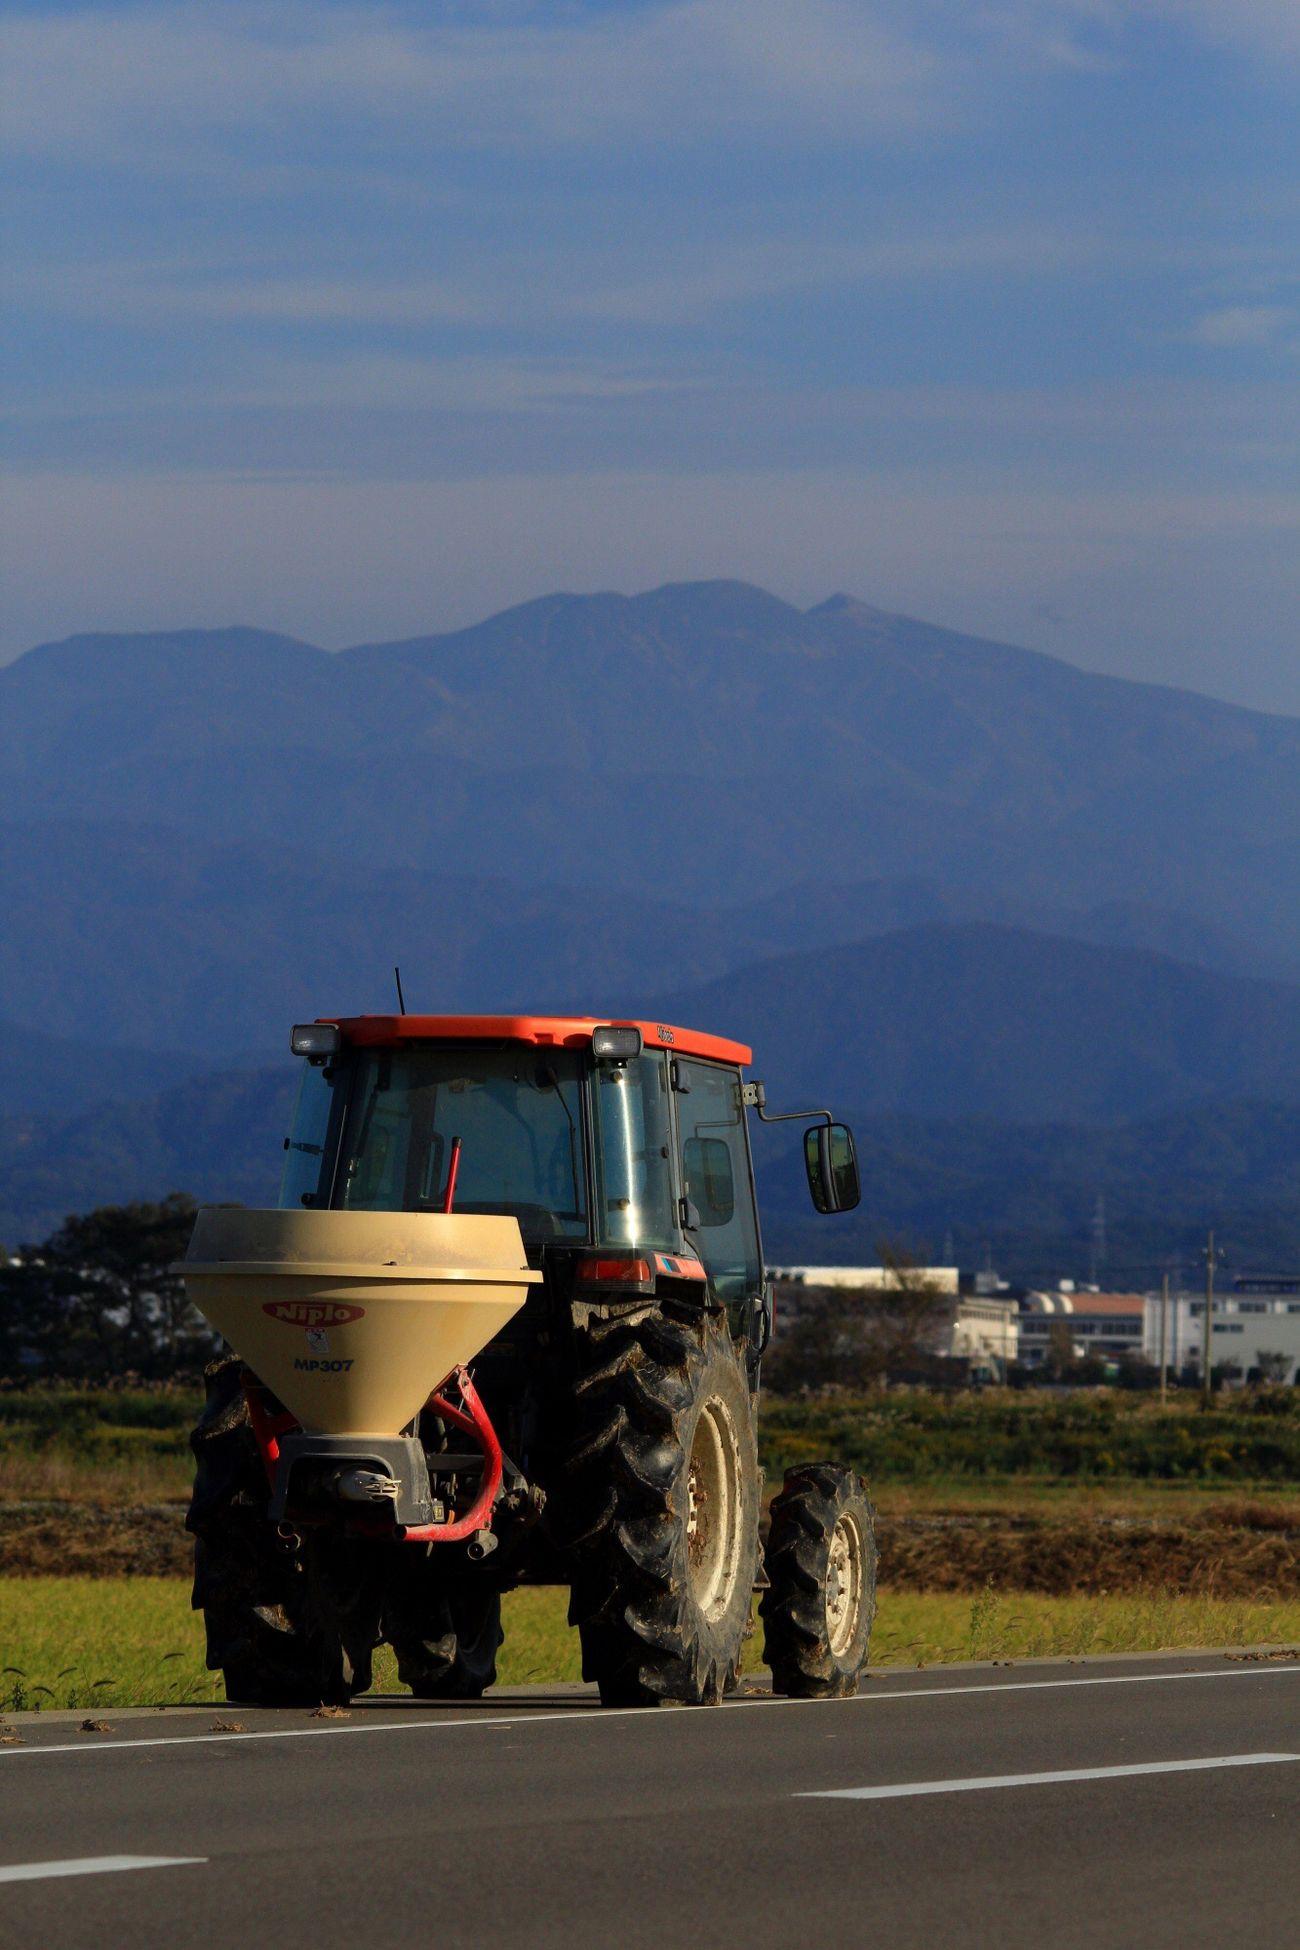 autumn Autumn Hakusan Komatsu Tractor Rice Field Agriculture